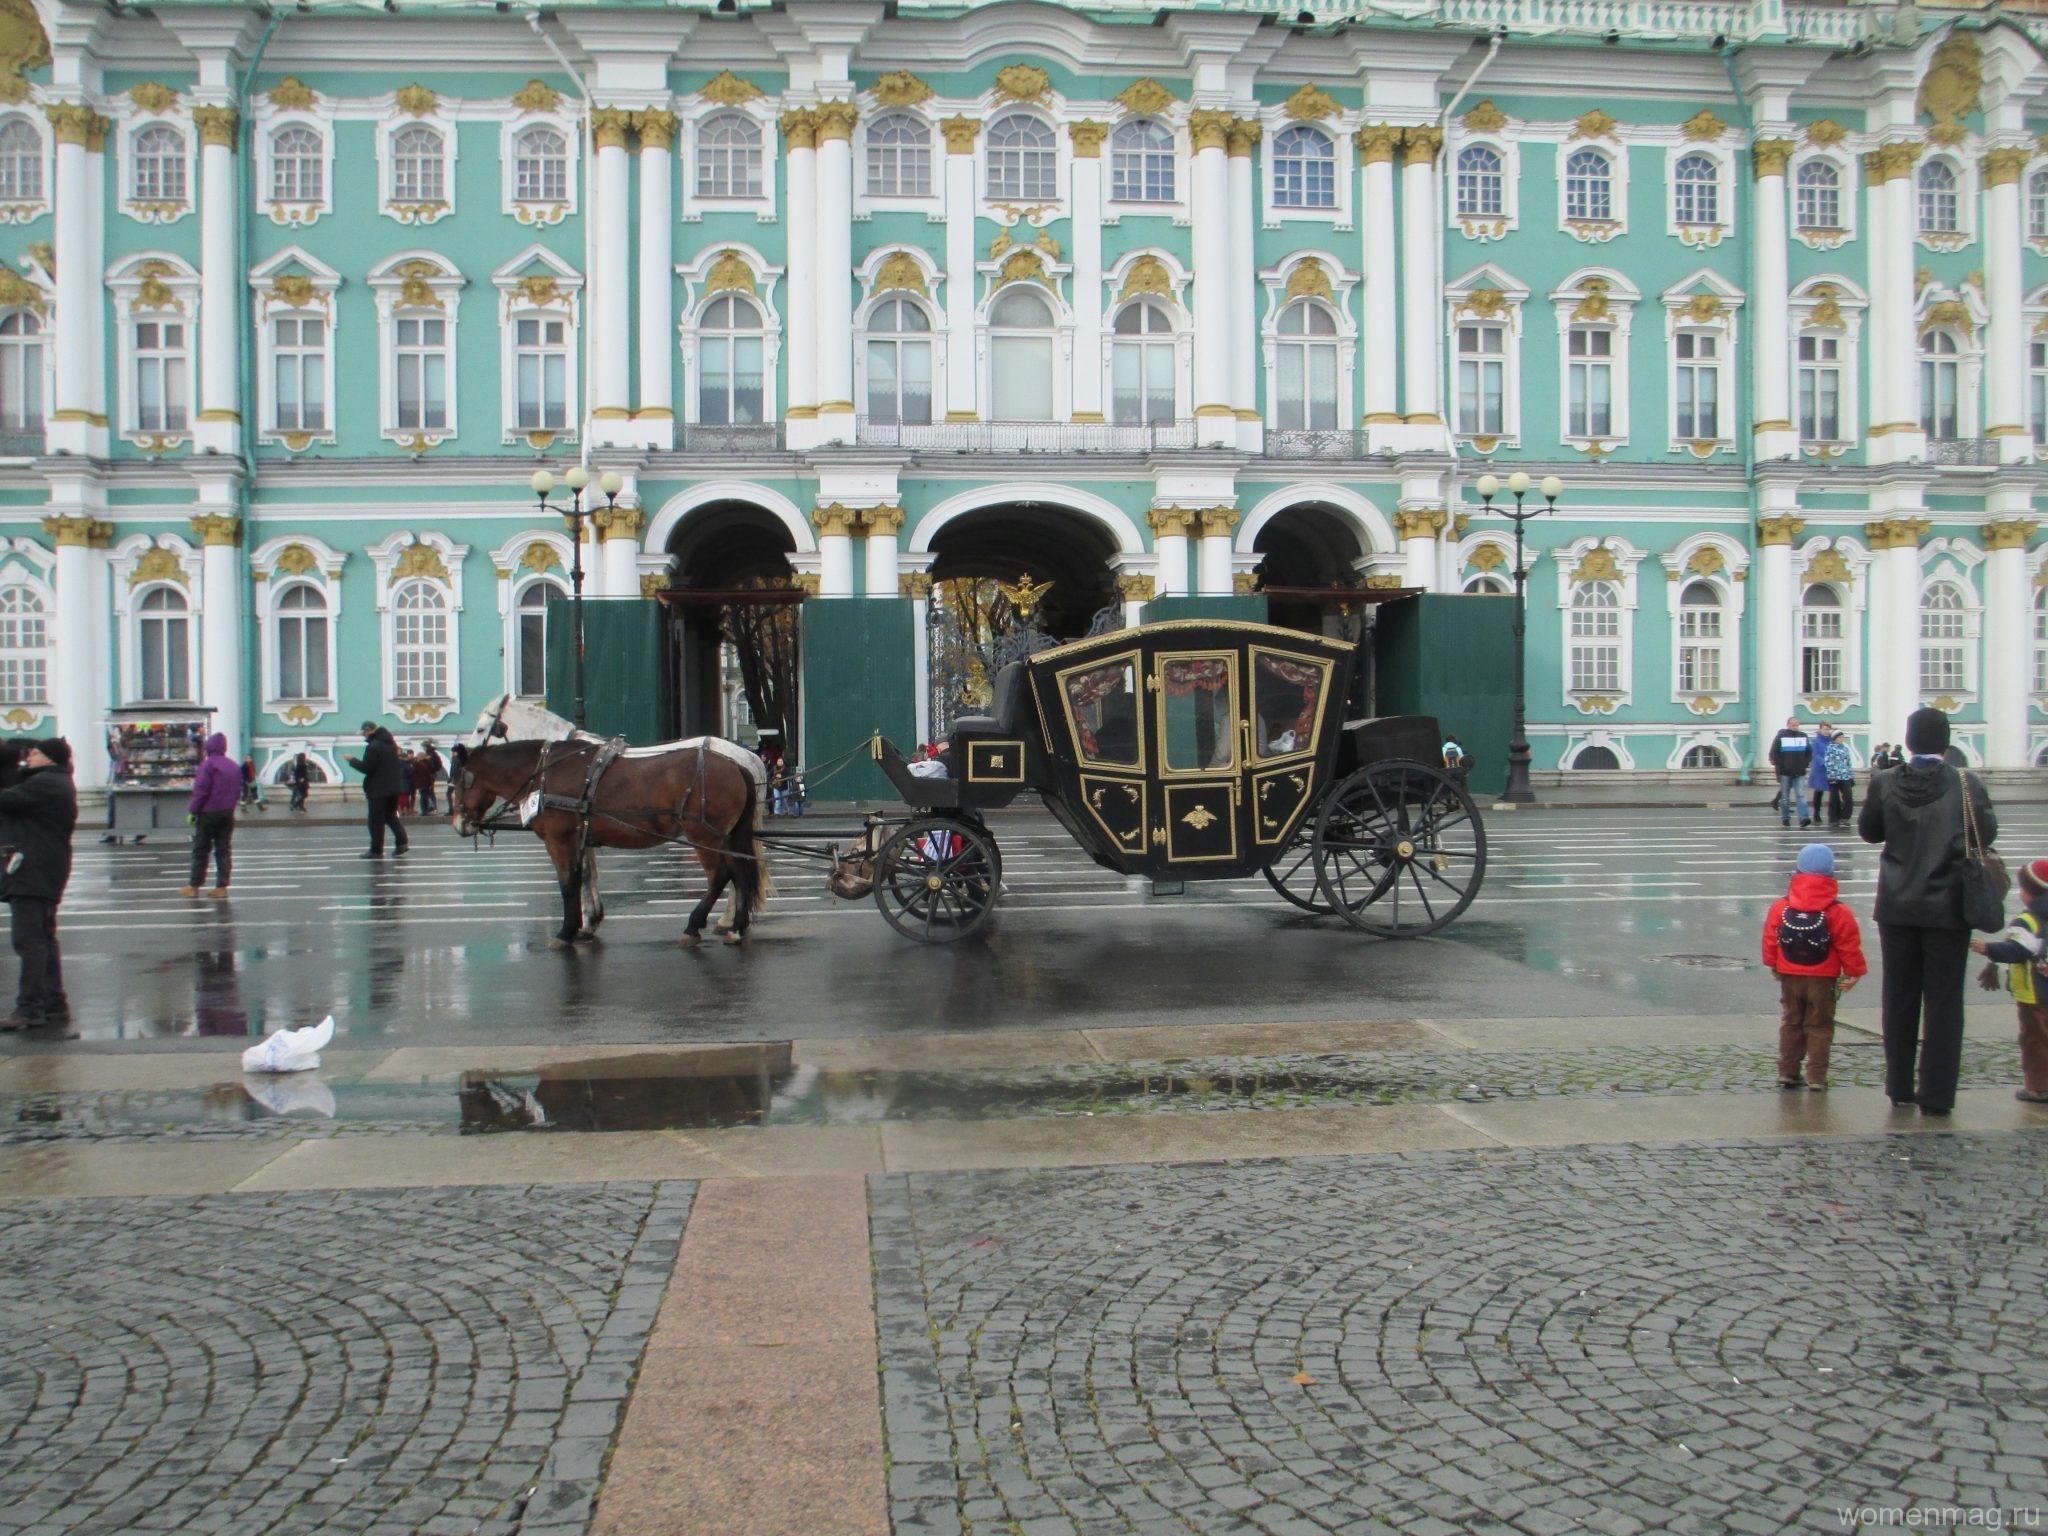 Санкт-Петербург. Путешествие первое